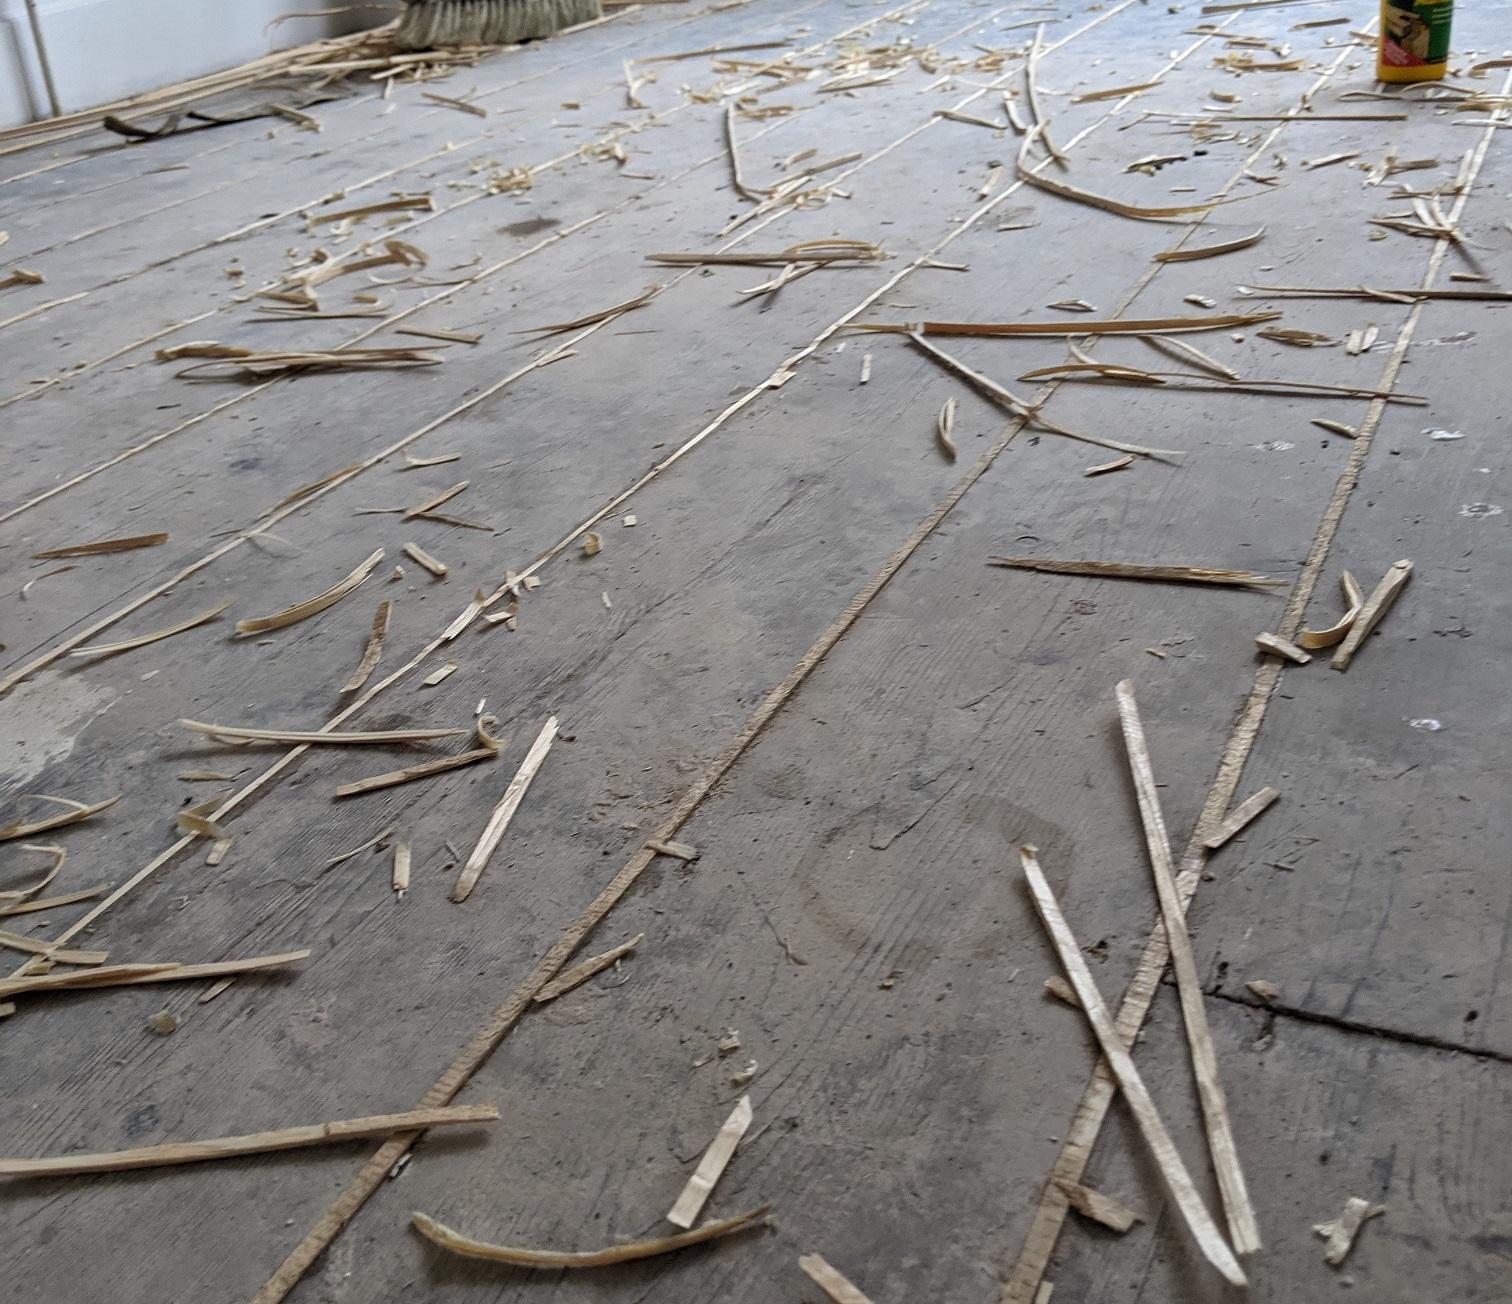 Filling between wooden floorboards with slivers